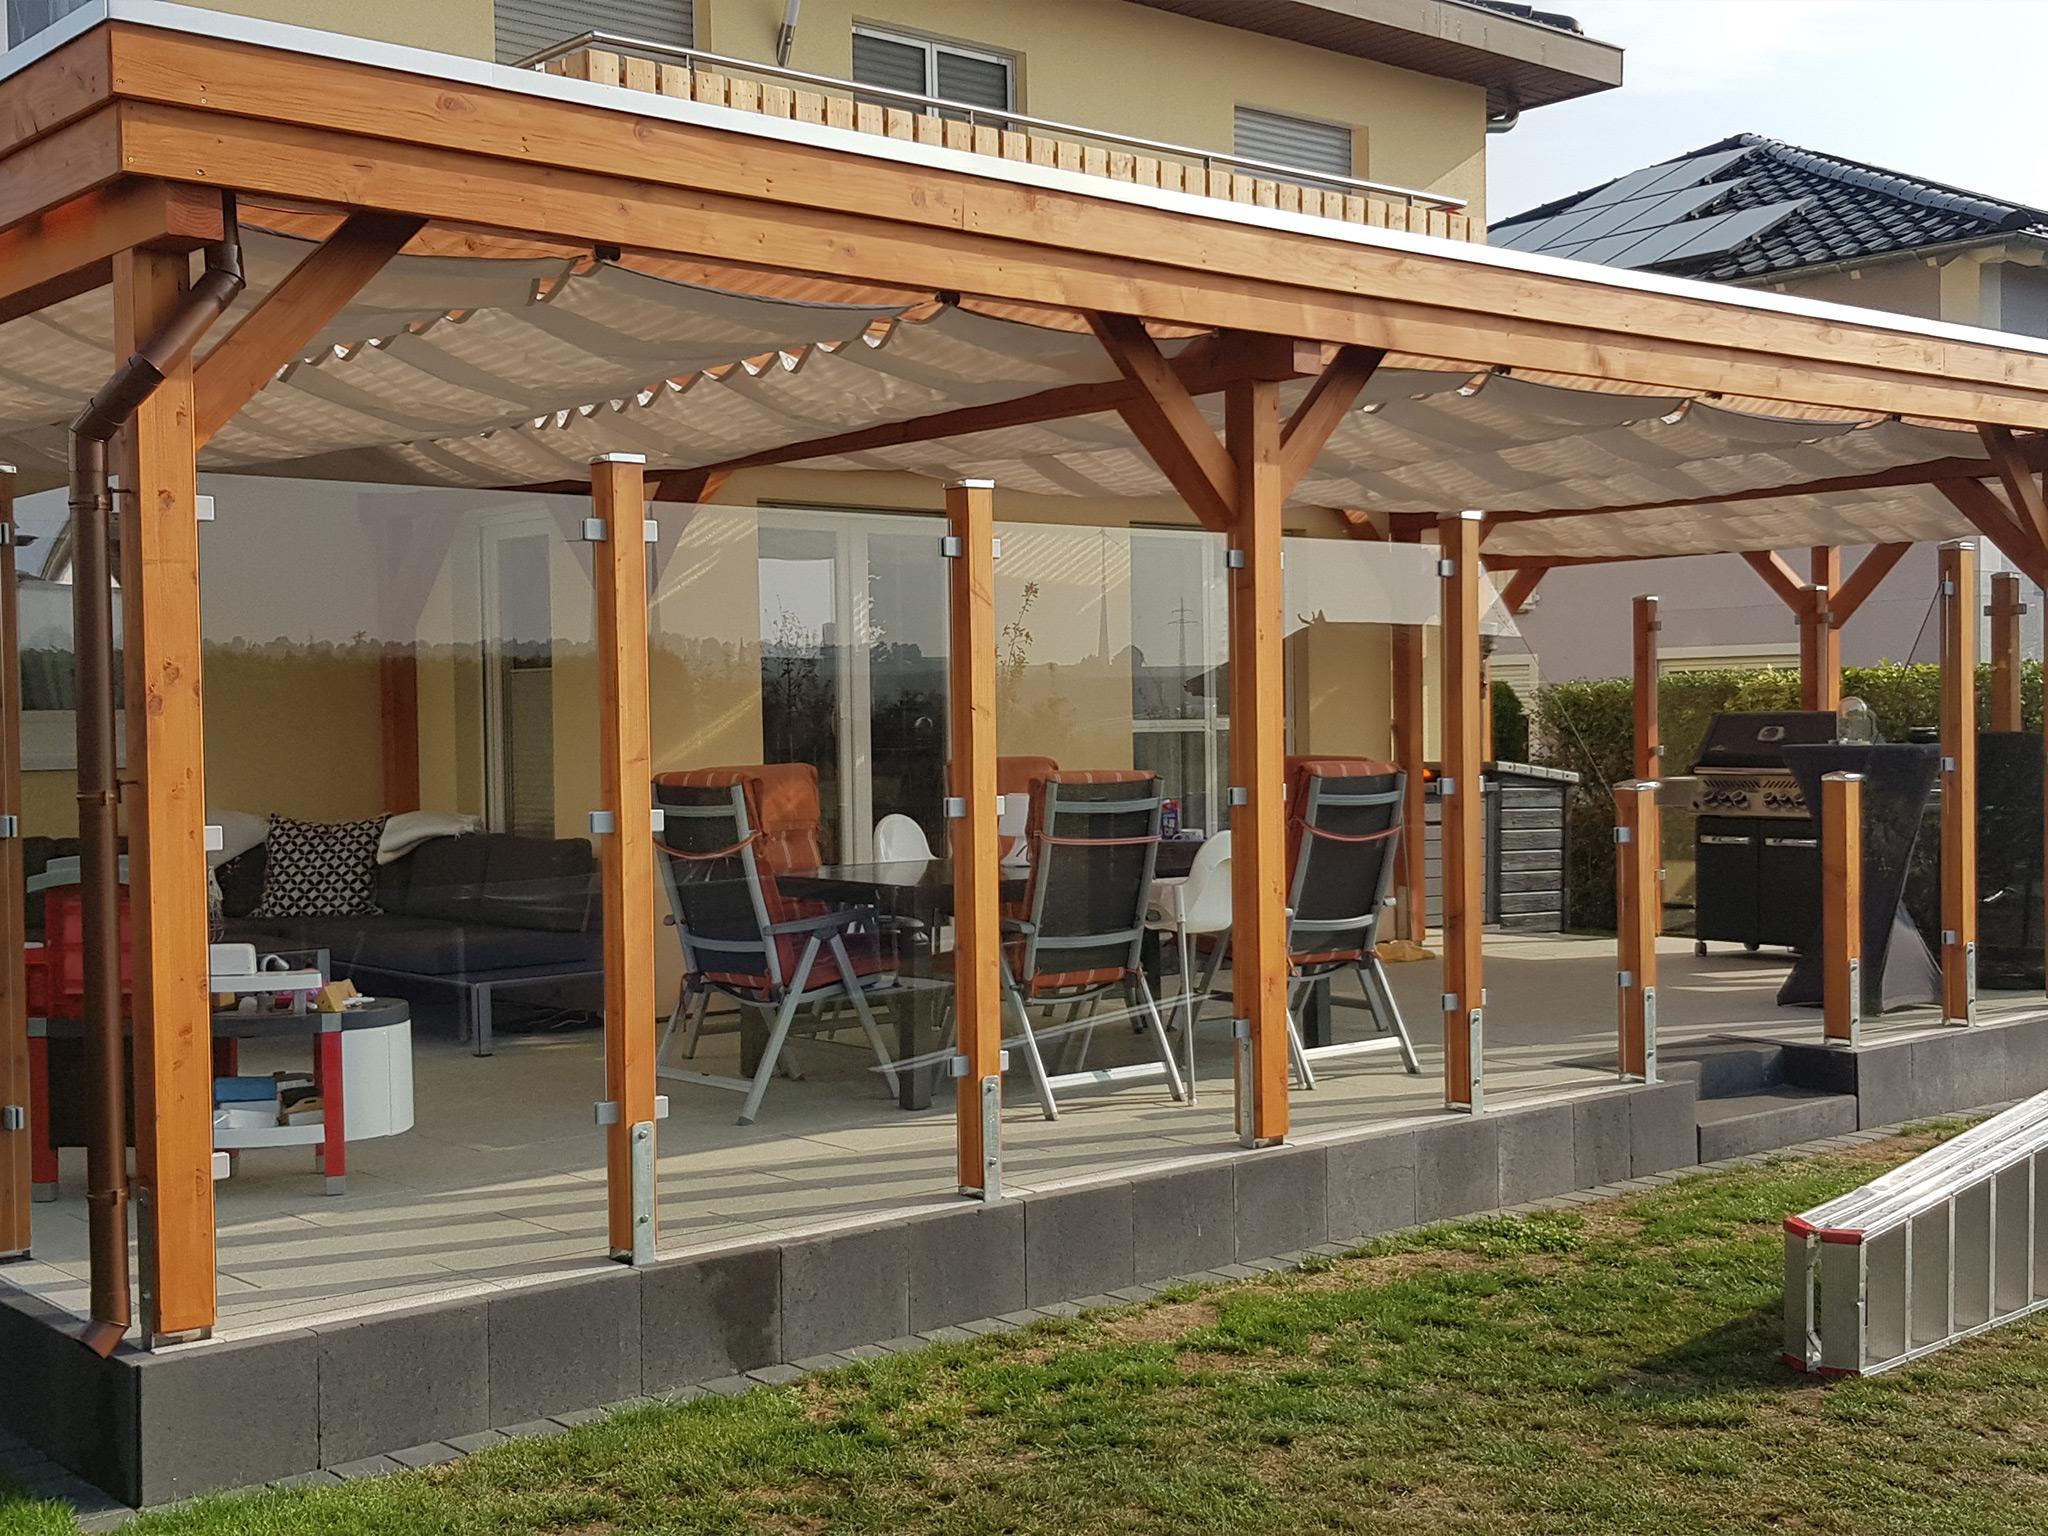 Terrassenüberdachung aus Holz mit Glassichtschutz